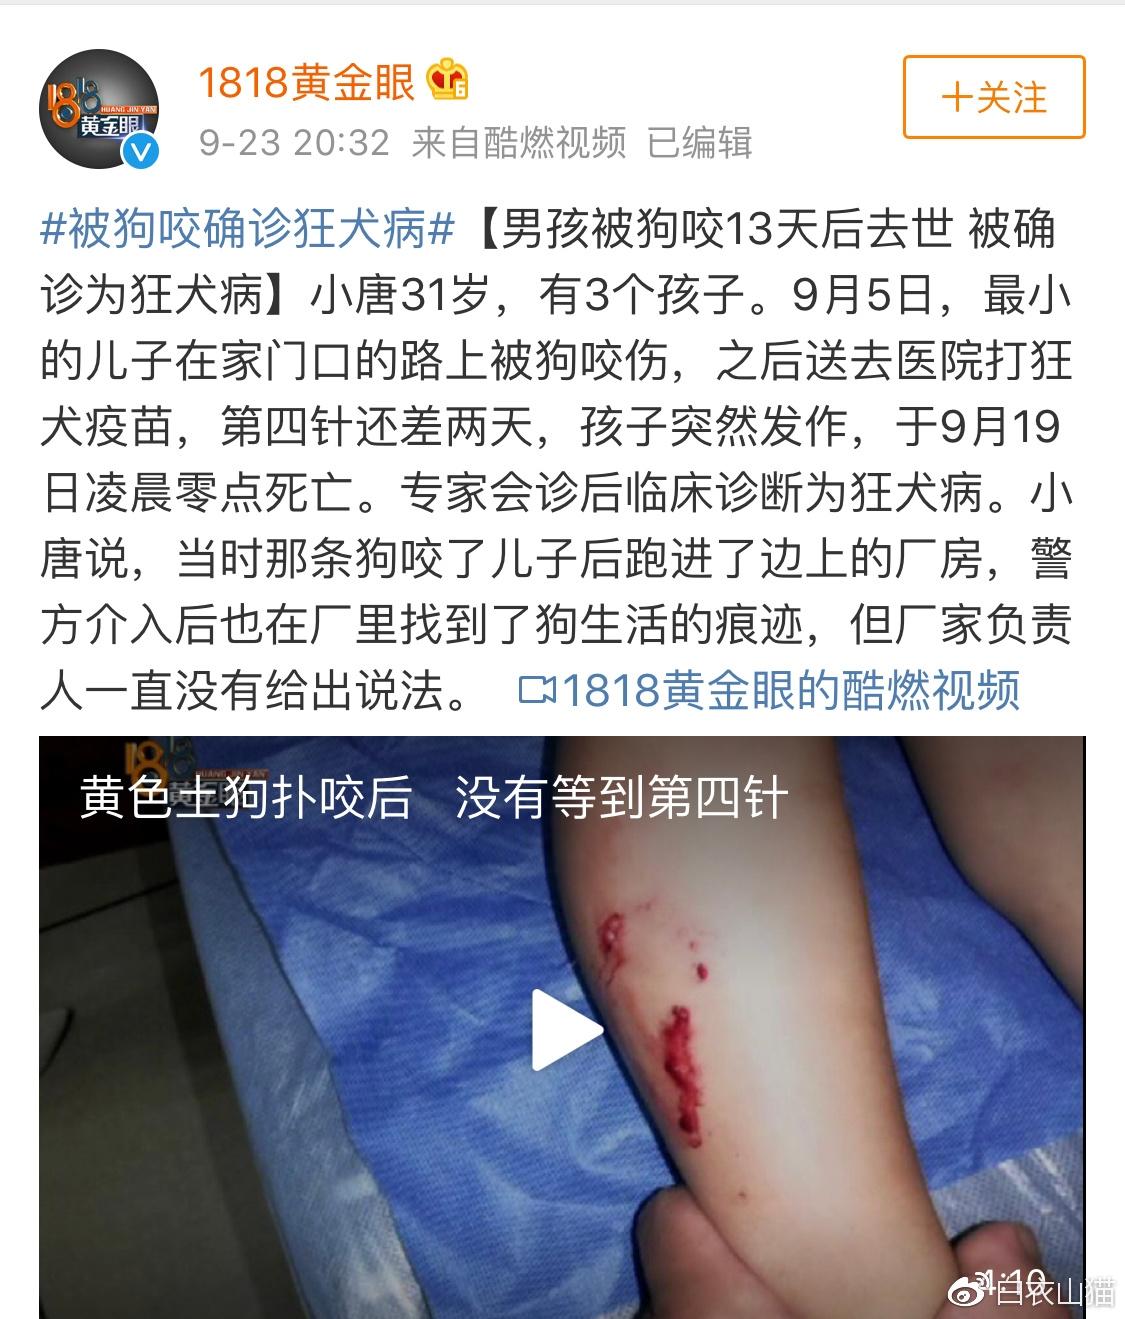 为什么男孩被狗咬伤,打了3针狂犬疫苗还会发病身亡?